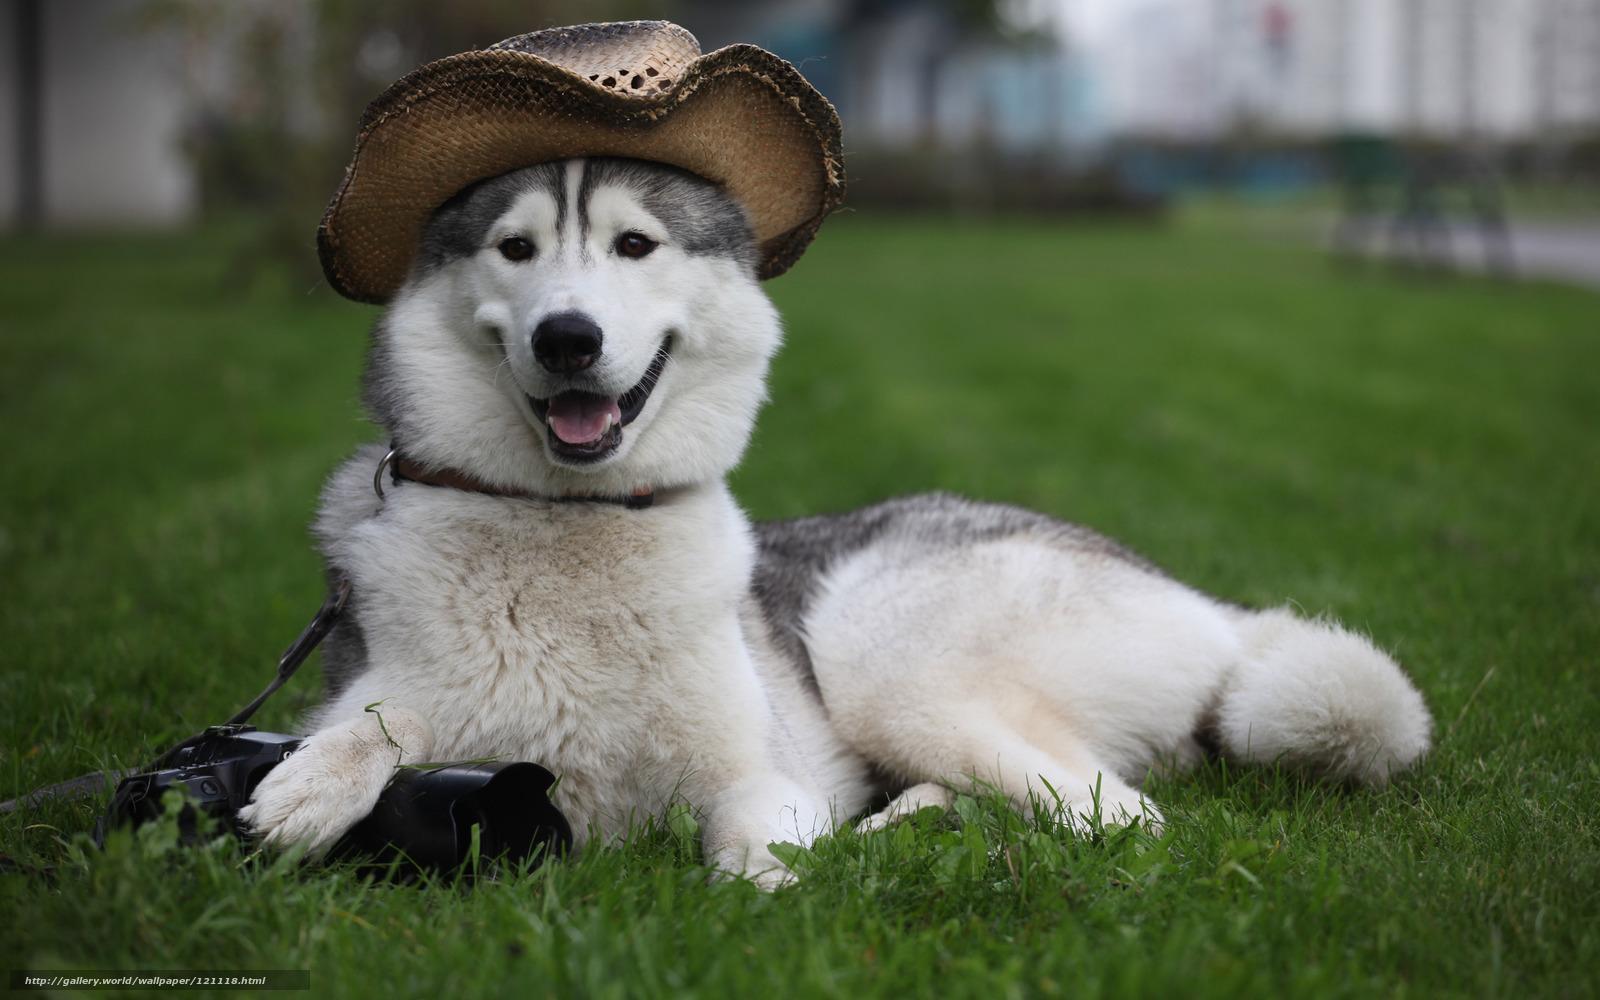 Скачать обои собака,  пёс,  лайка,  шляпа бесплатно для рабочего стола в разрешении 2560x1600 — картинка №121118